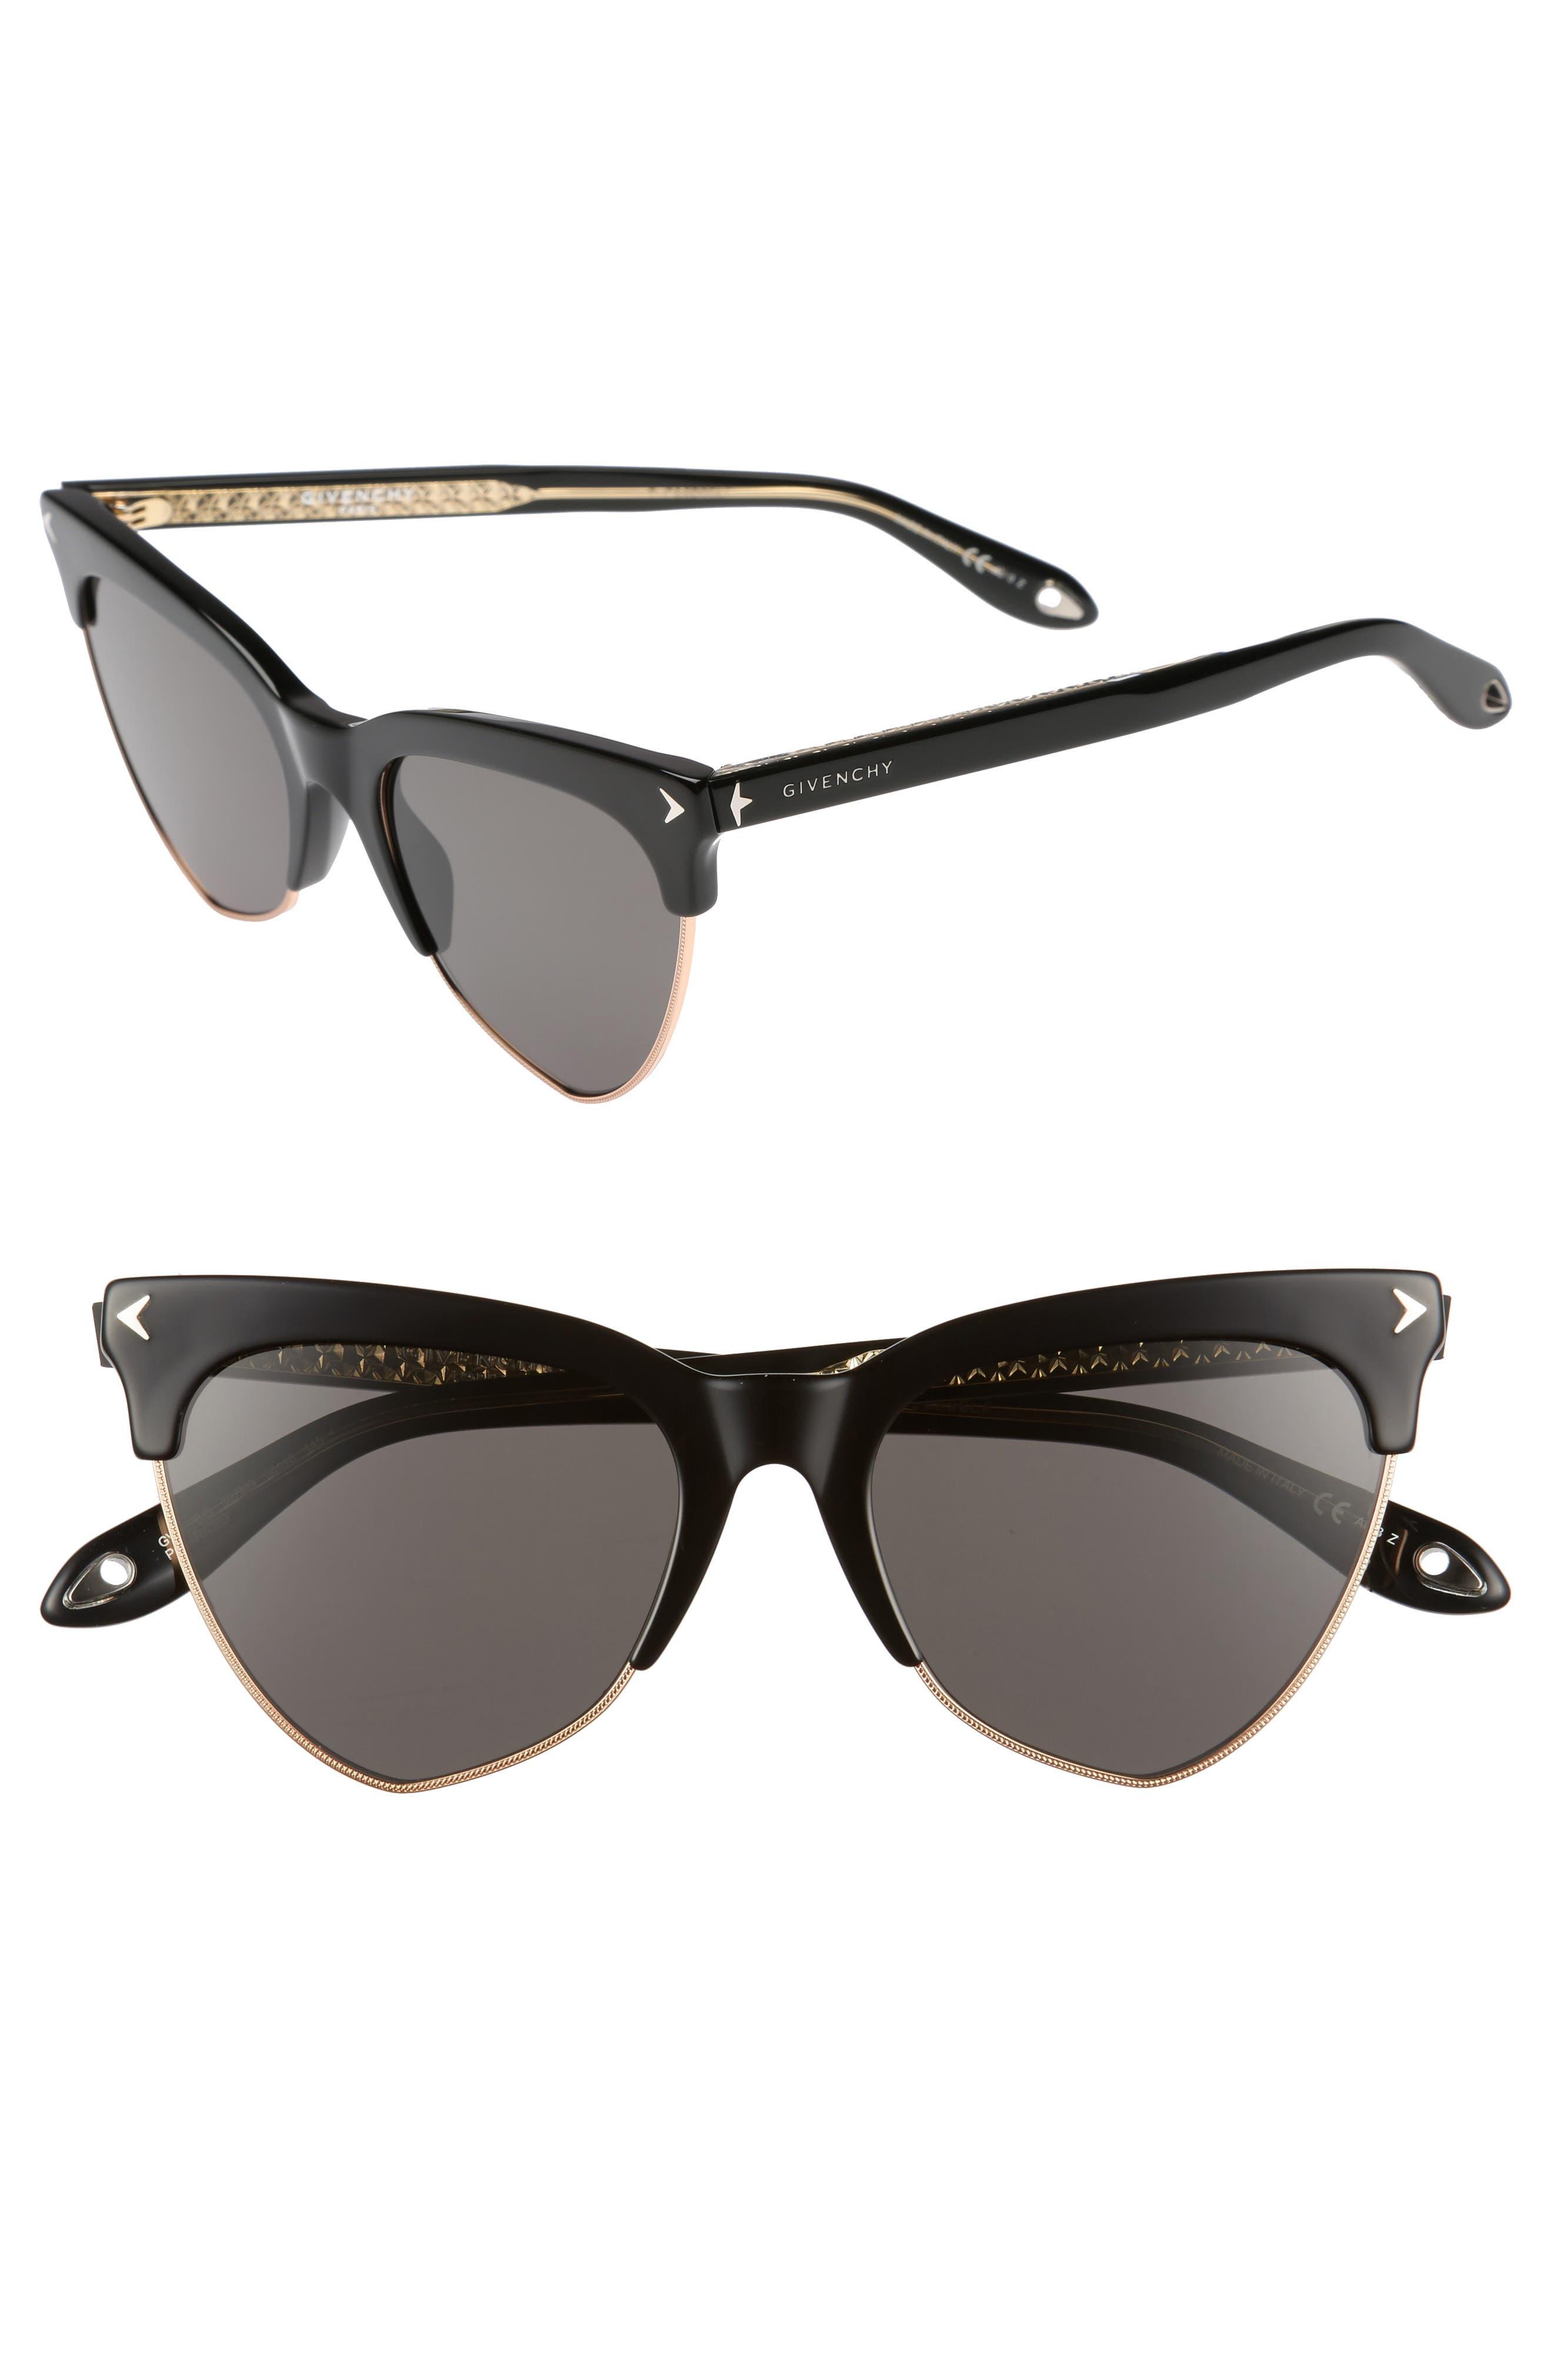 Alternate Image 1 Selected - Givenchy 54mm Polarized Cat Eye Sunglasses